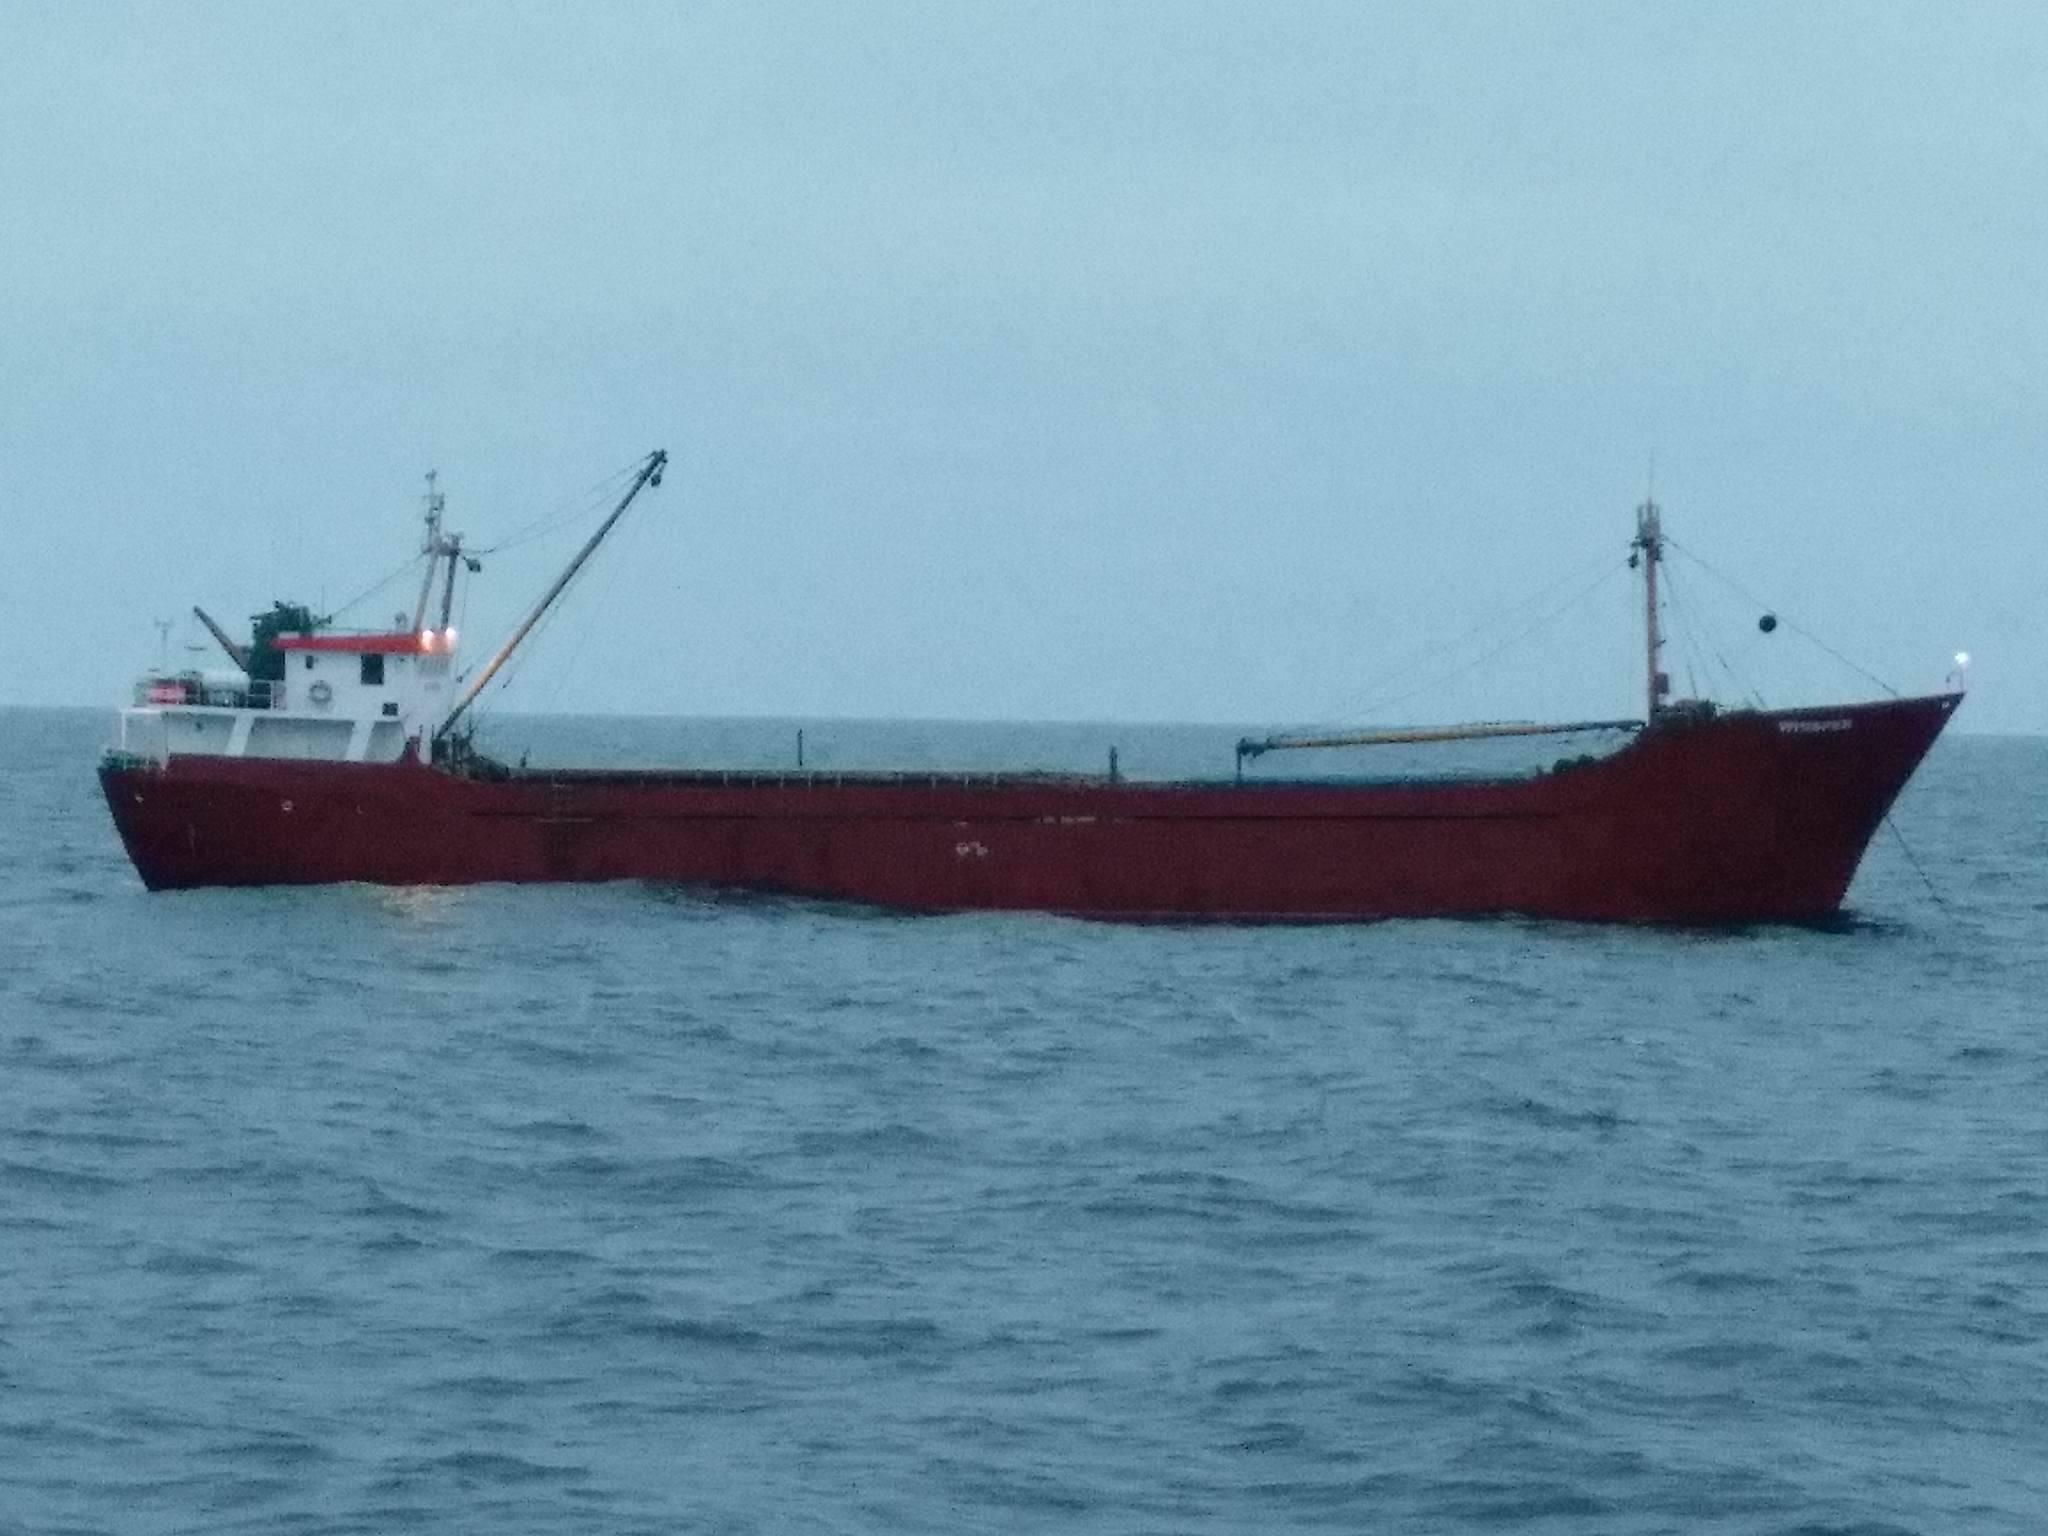 Катер ВМС открыл предупредительный огонь по судну с контрабандой